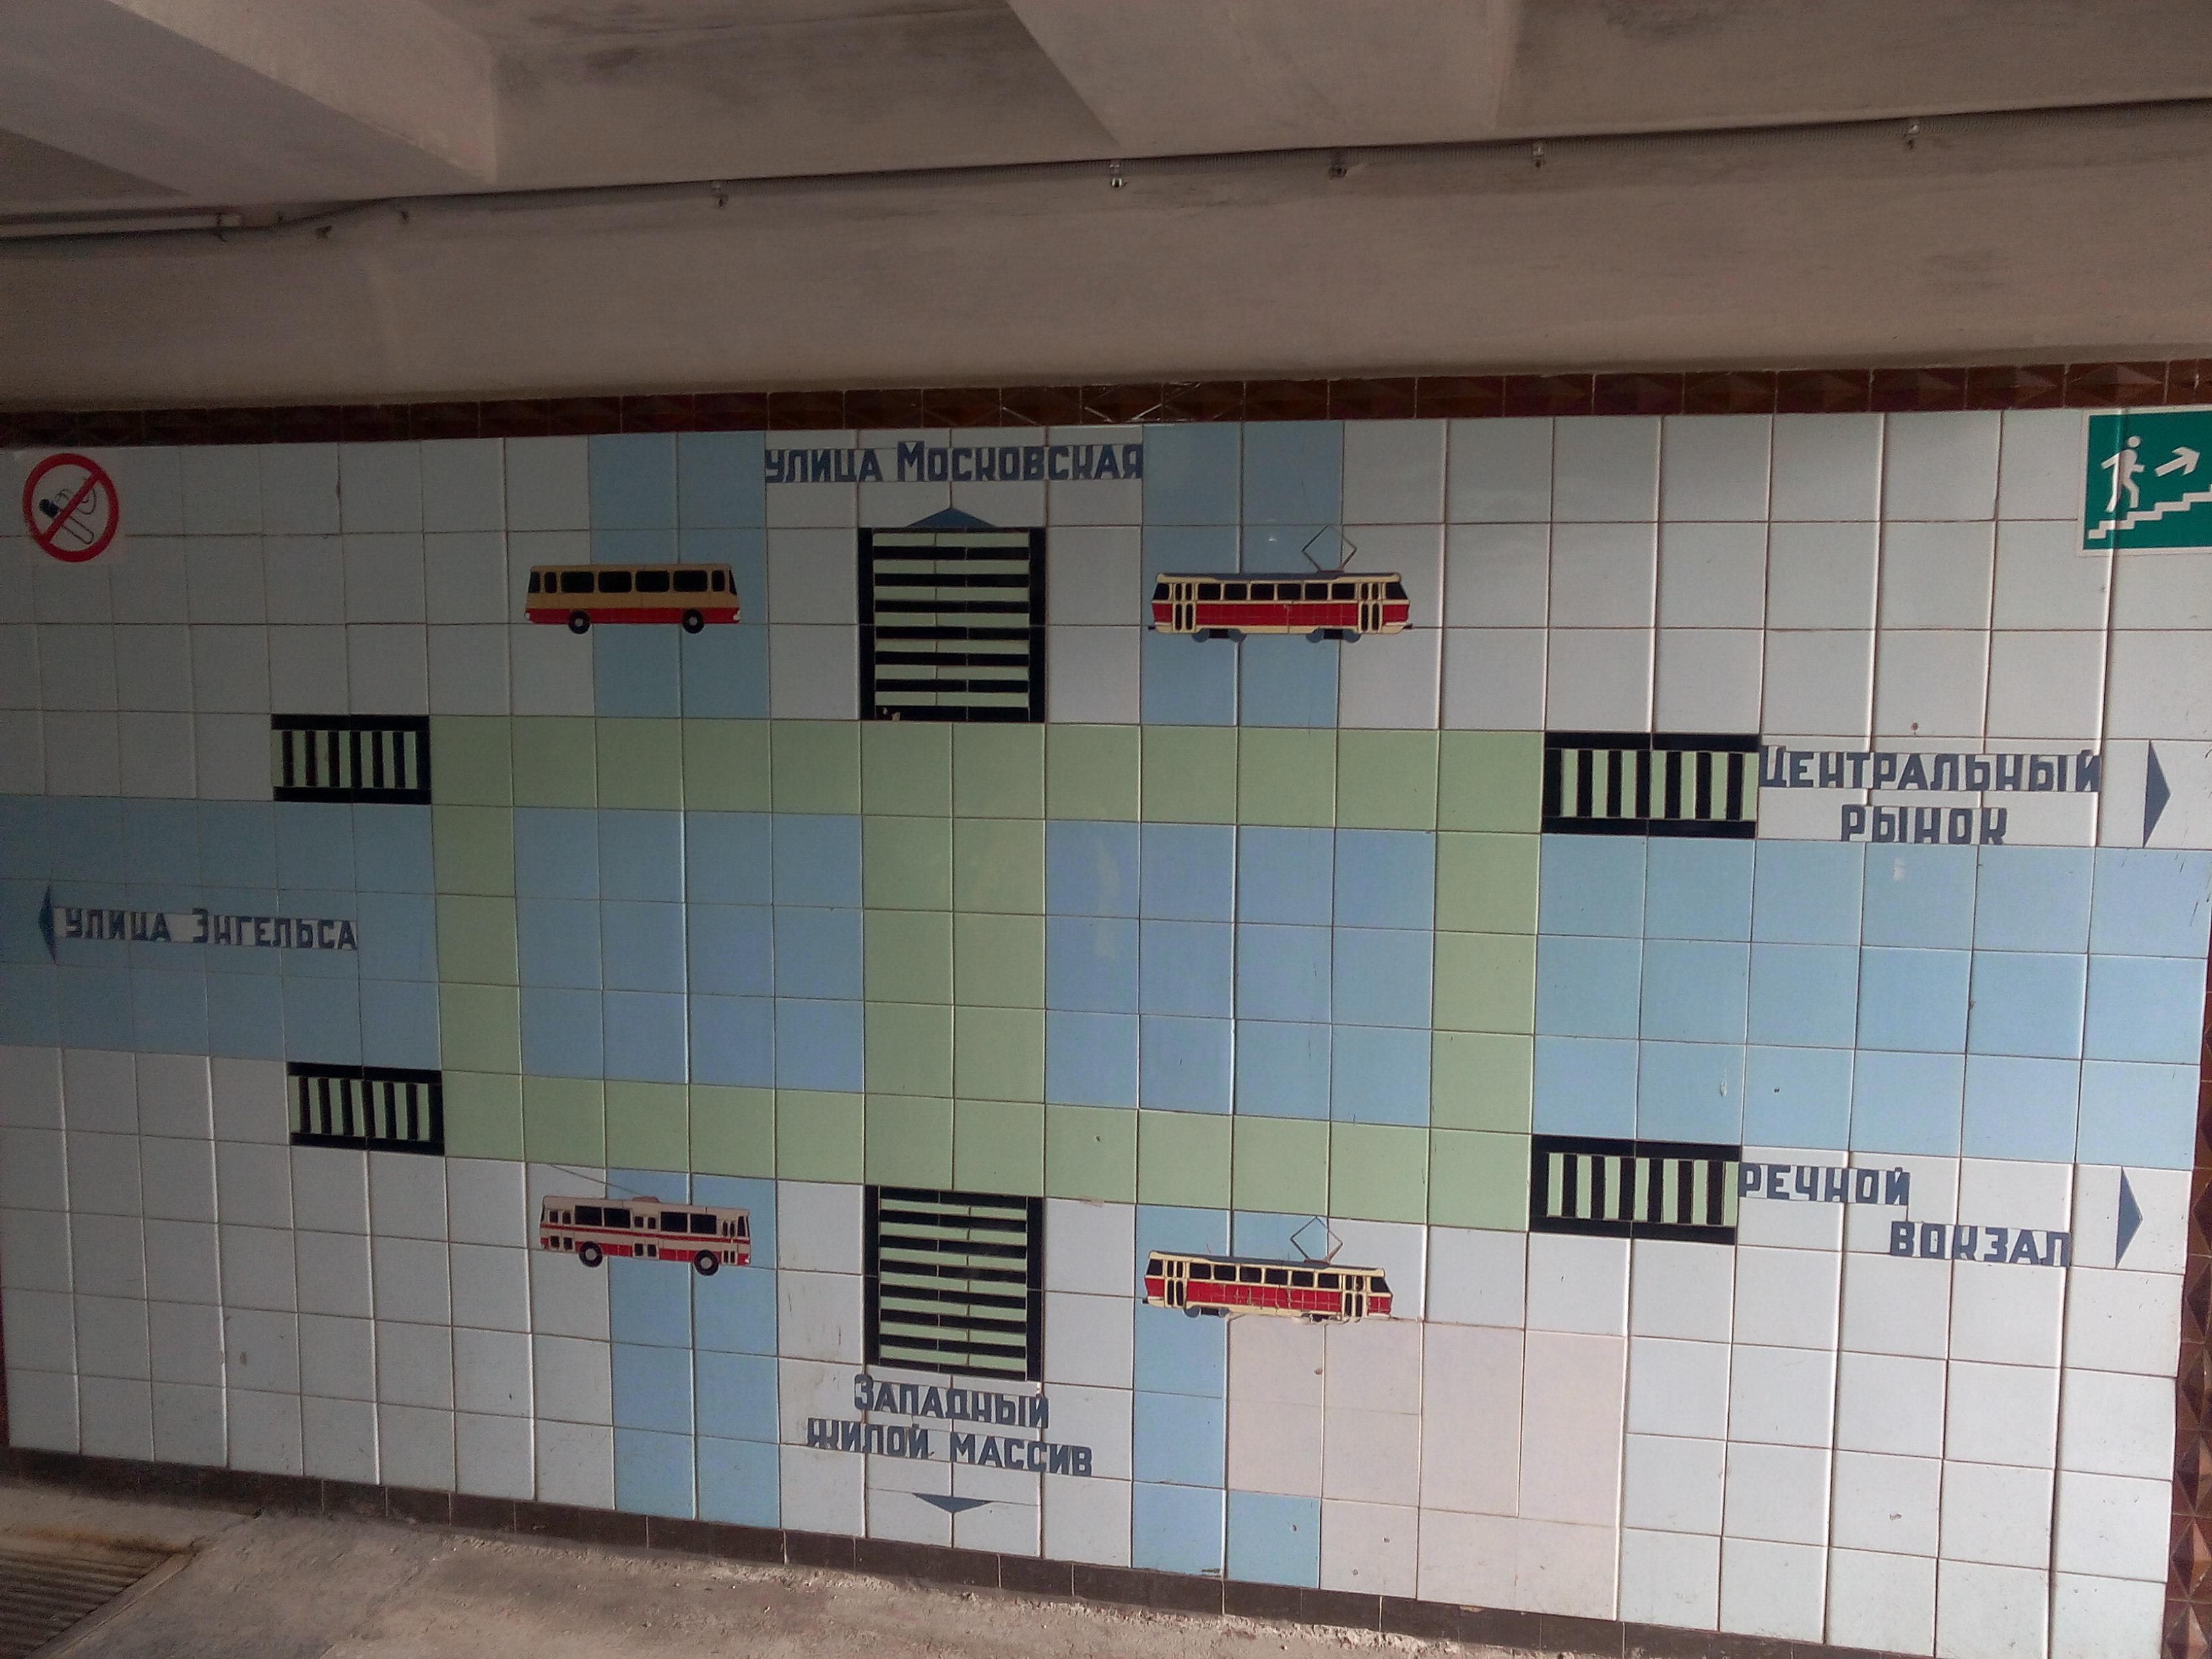 Подземные переходы (Ростов-на-Дону) — Википедия